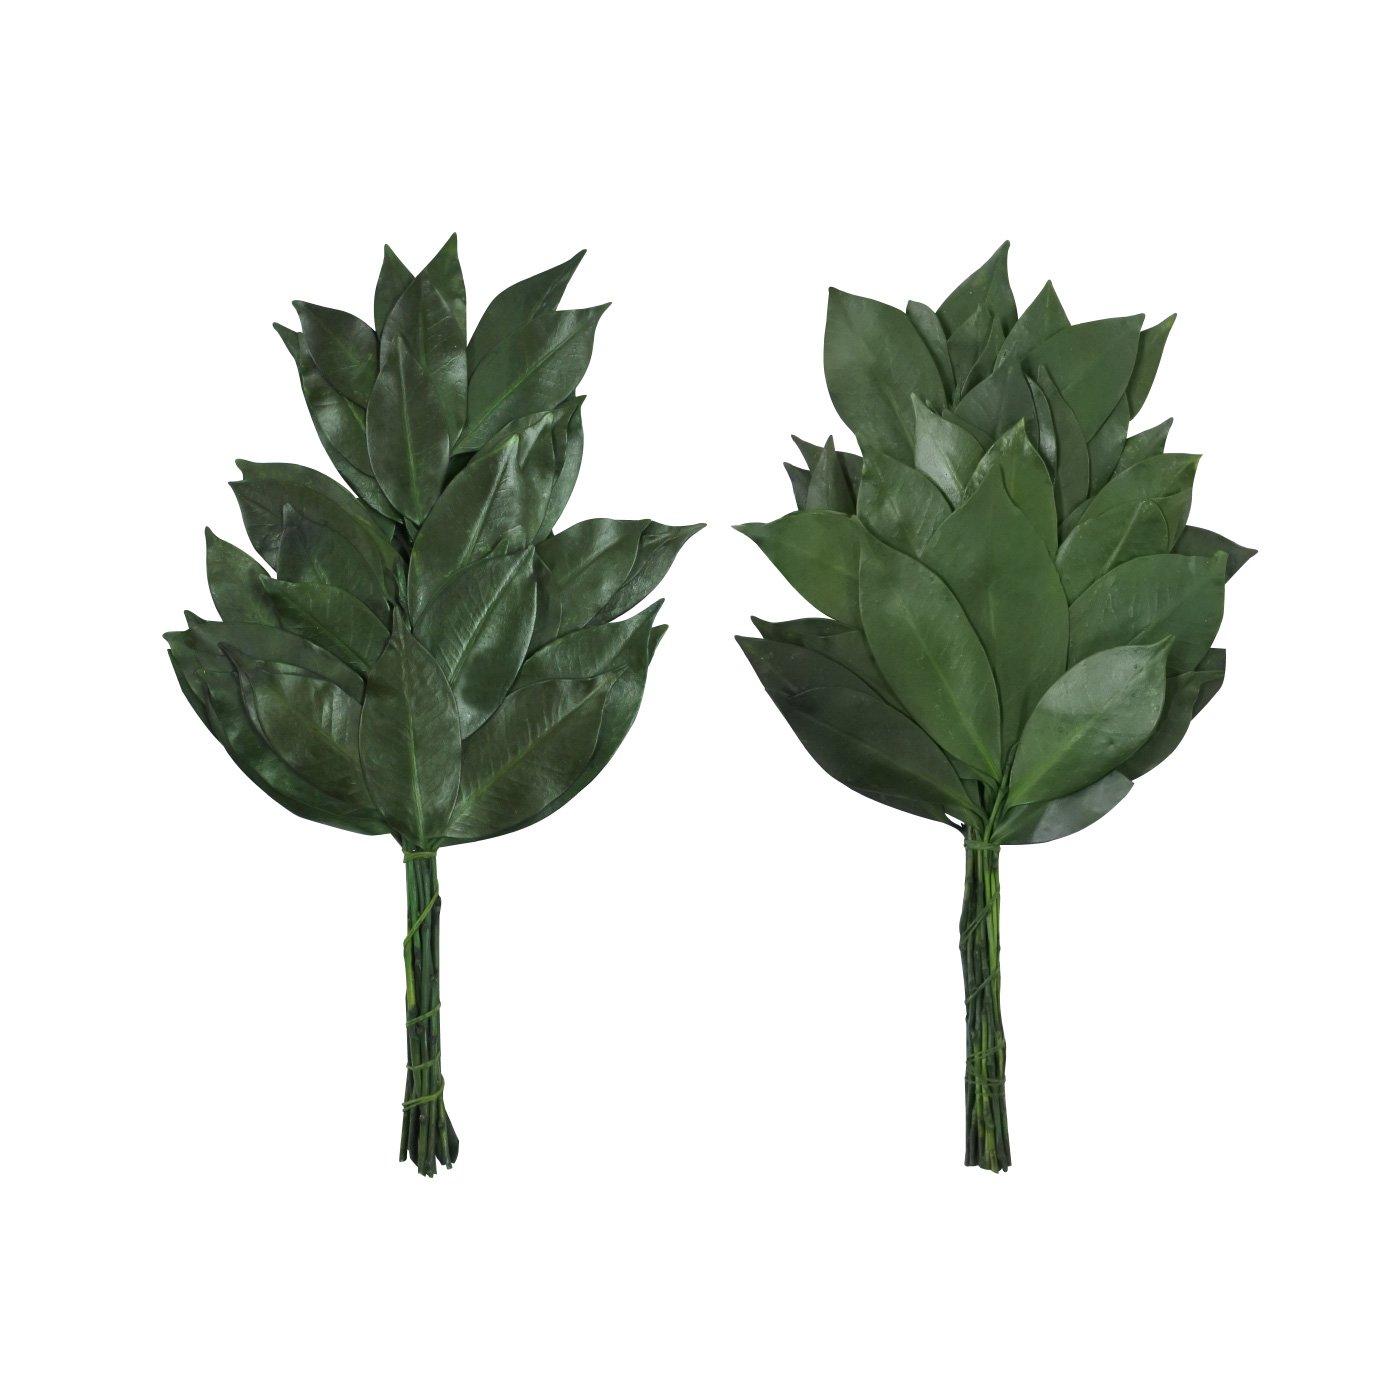 水替え不要で緑が長持ち プリザーブド榊コンパクト 一対